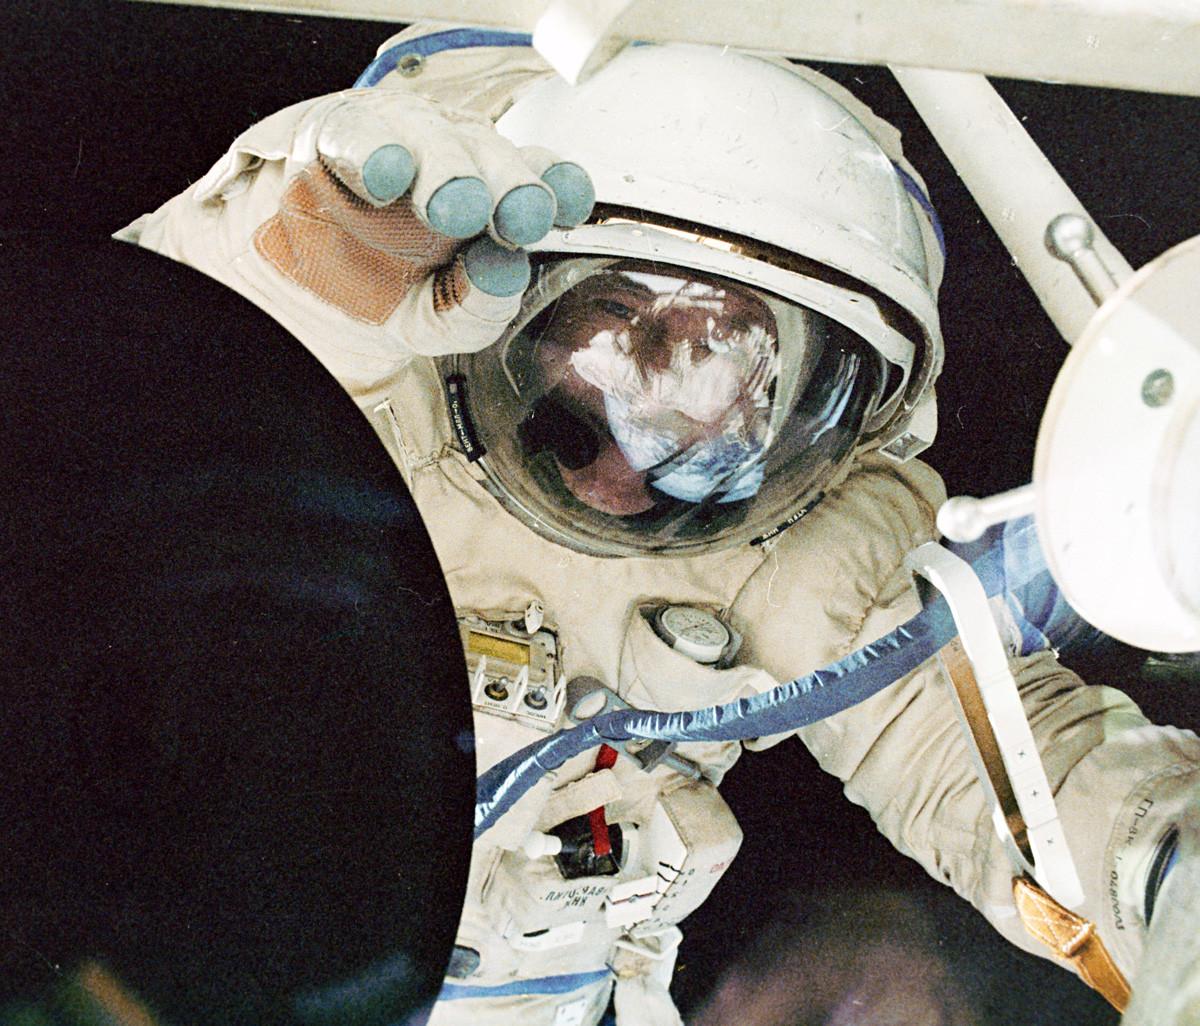 Piloto militar francés, Jean-Loup Chrétien, en el espacio.